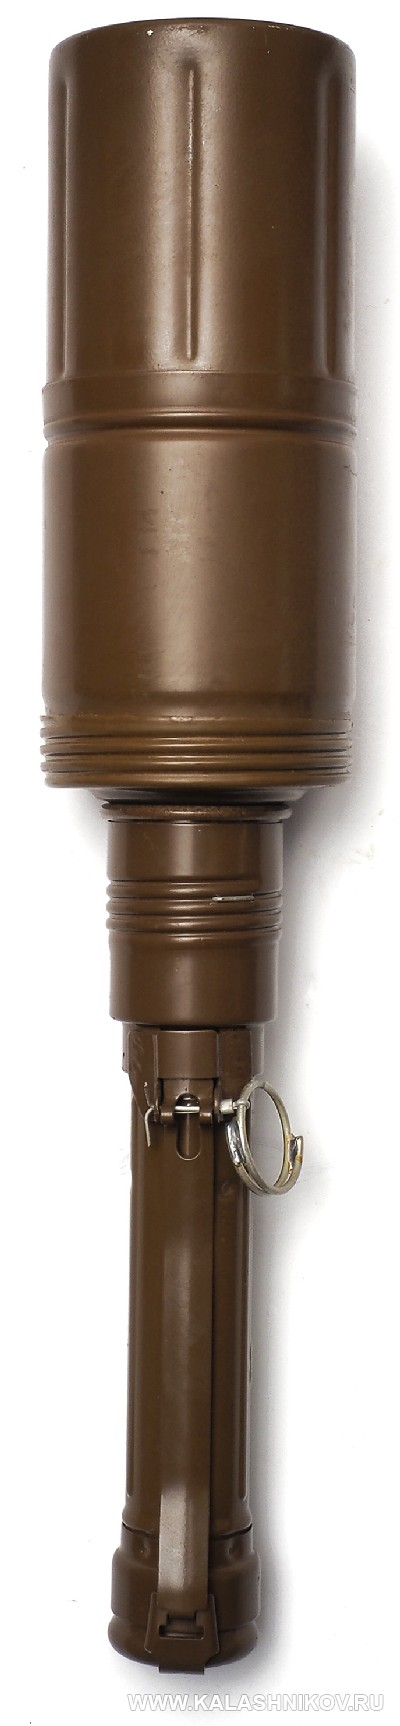 Противотанковая граната РКГ-3. Журнал Калашников